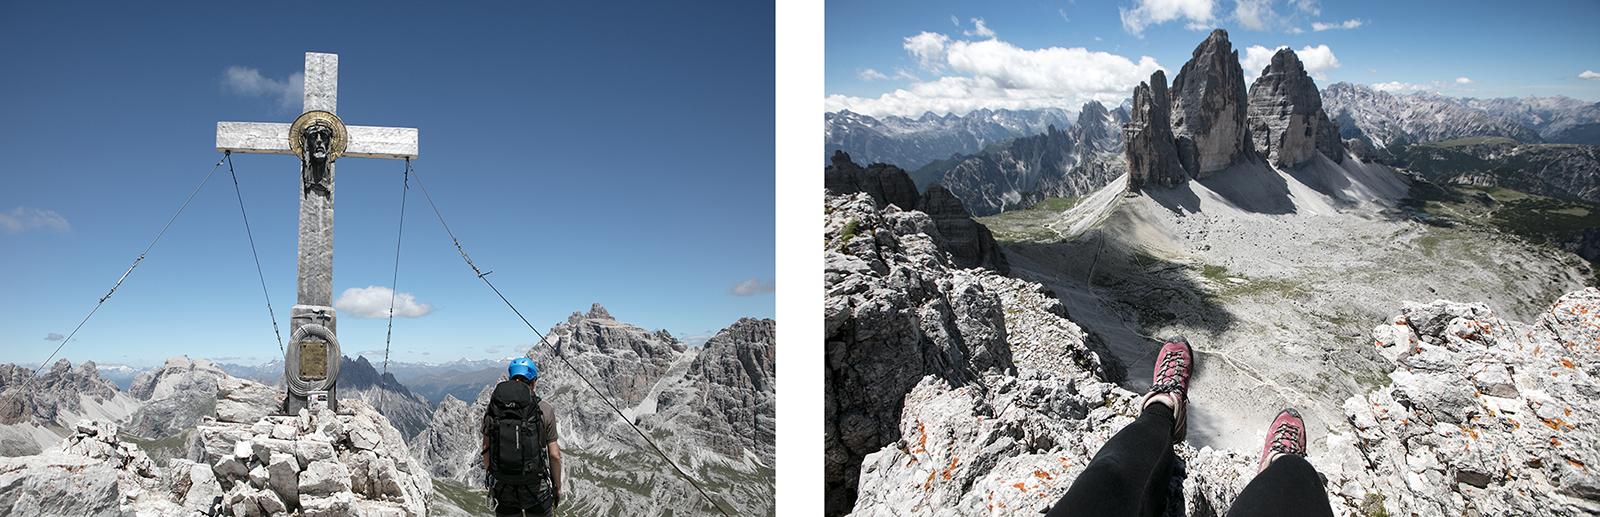 Via ferrata Mont Paterno Dolomites